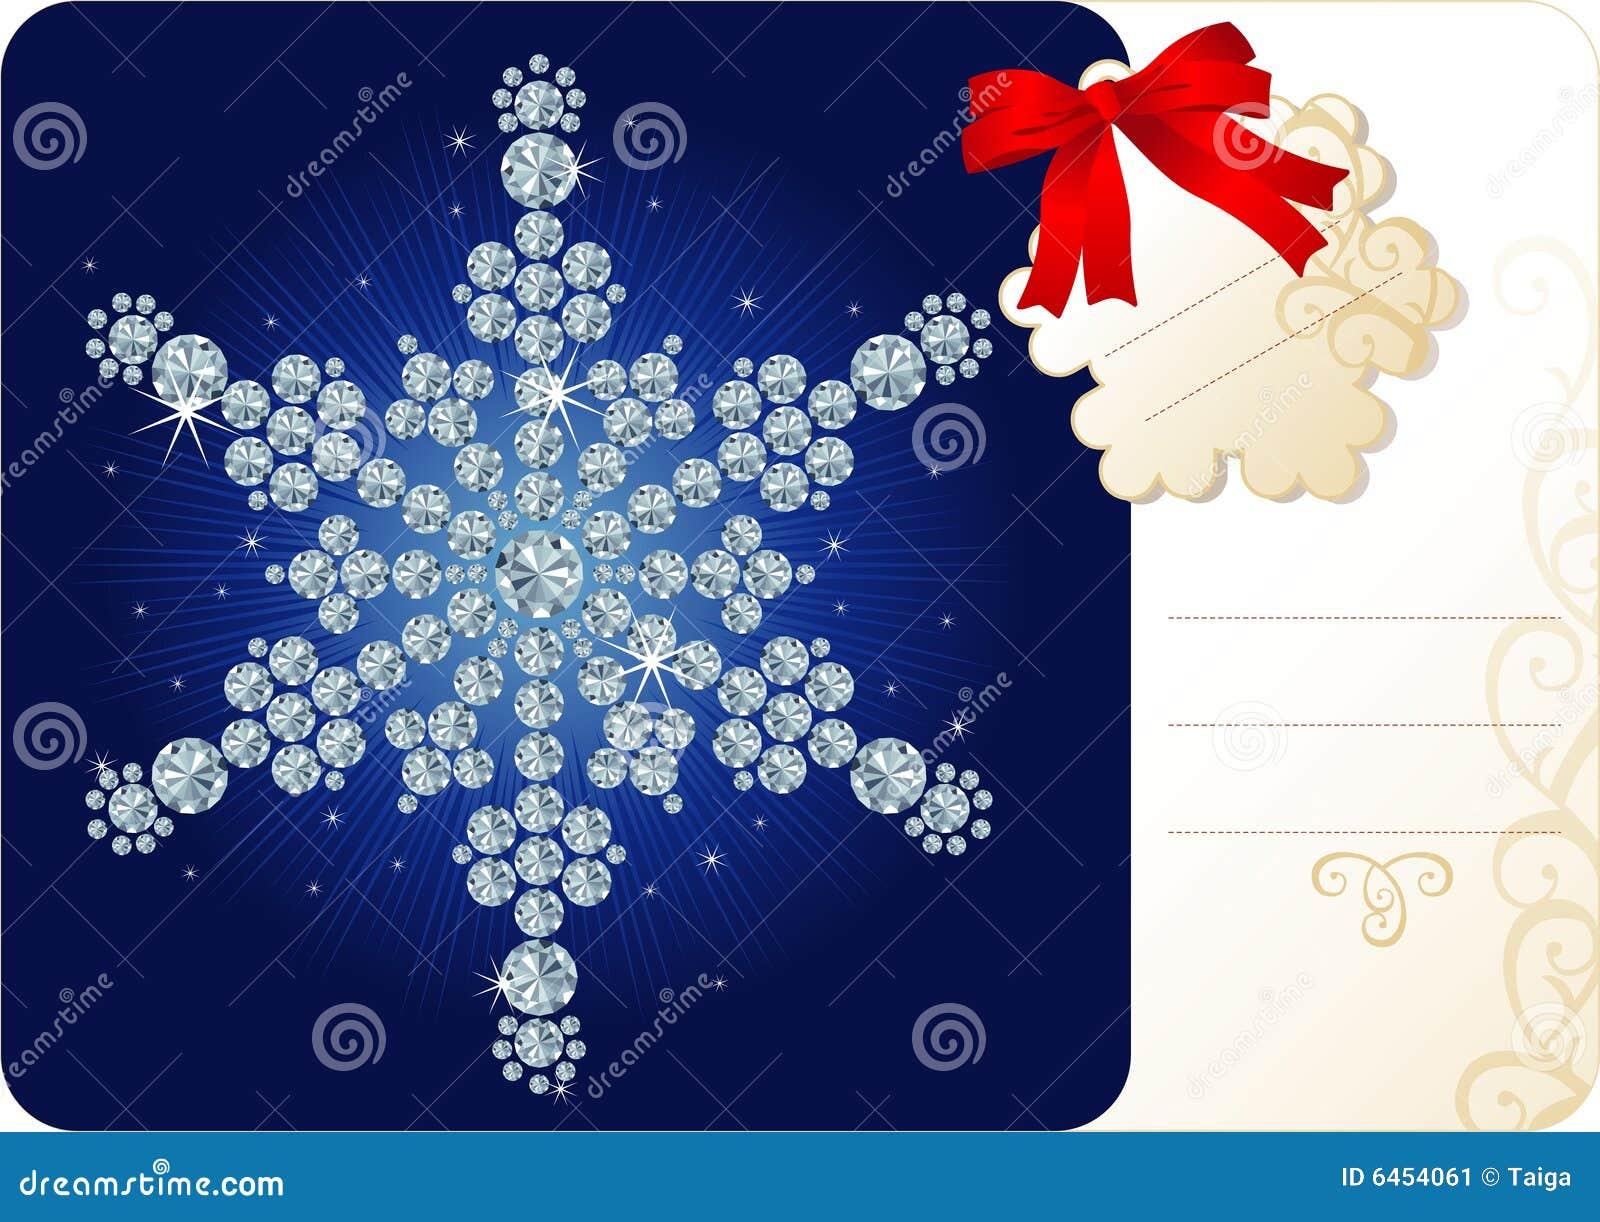 Święta tła diamentowy snowfiake etykiety